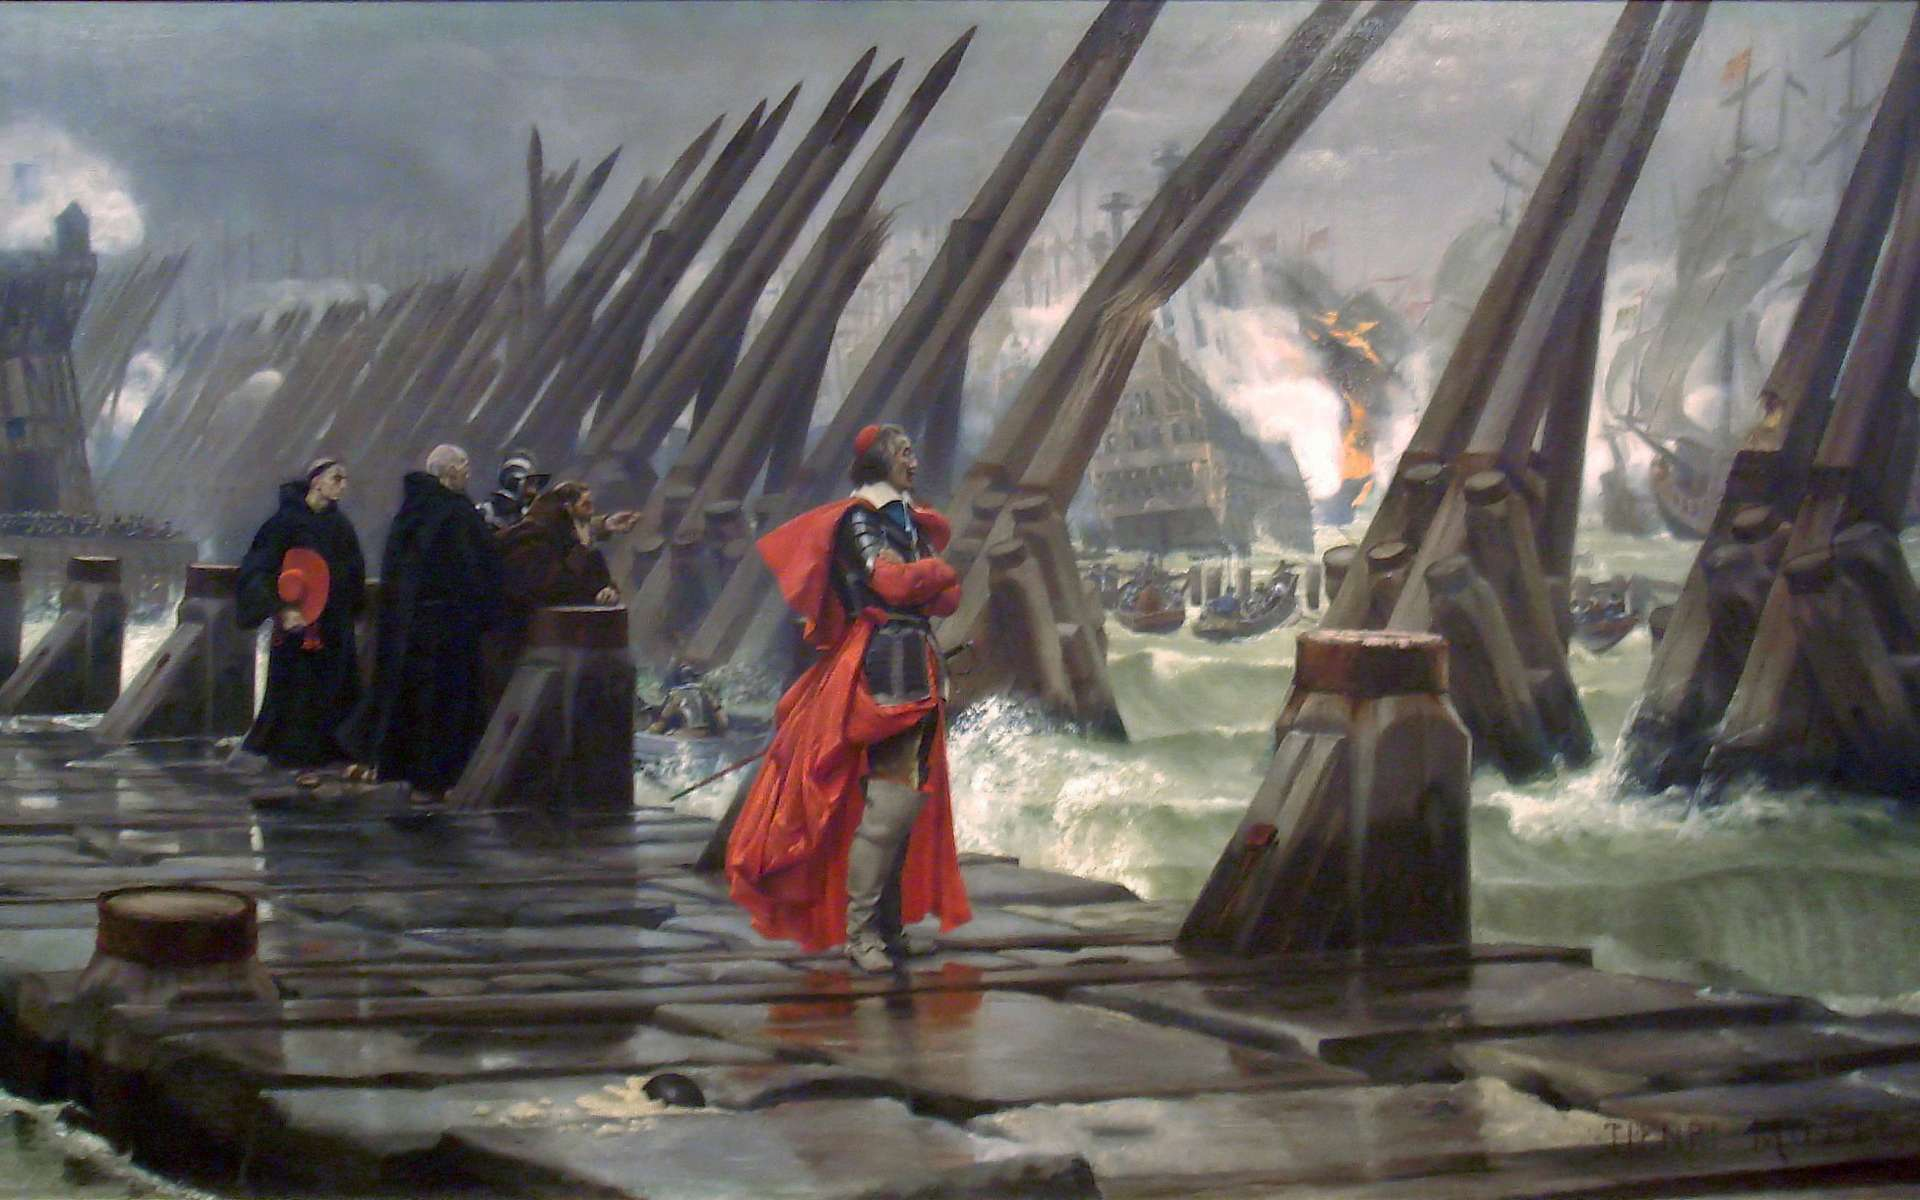 Le cardinal de Richelieu au siège de La Rochelle. © Henri-Paul Motte, Musée d'Orbigny Bernon, Wikimedia Commons, Domaine public